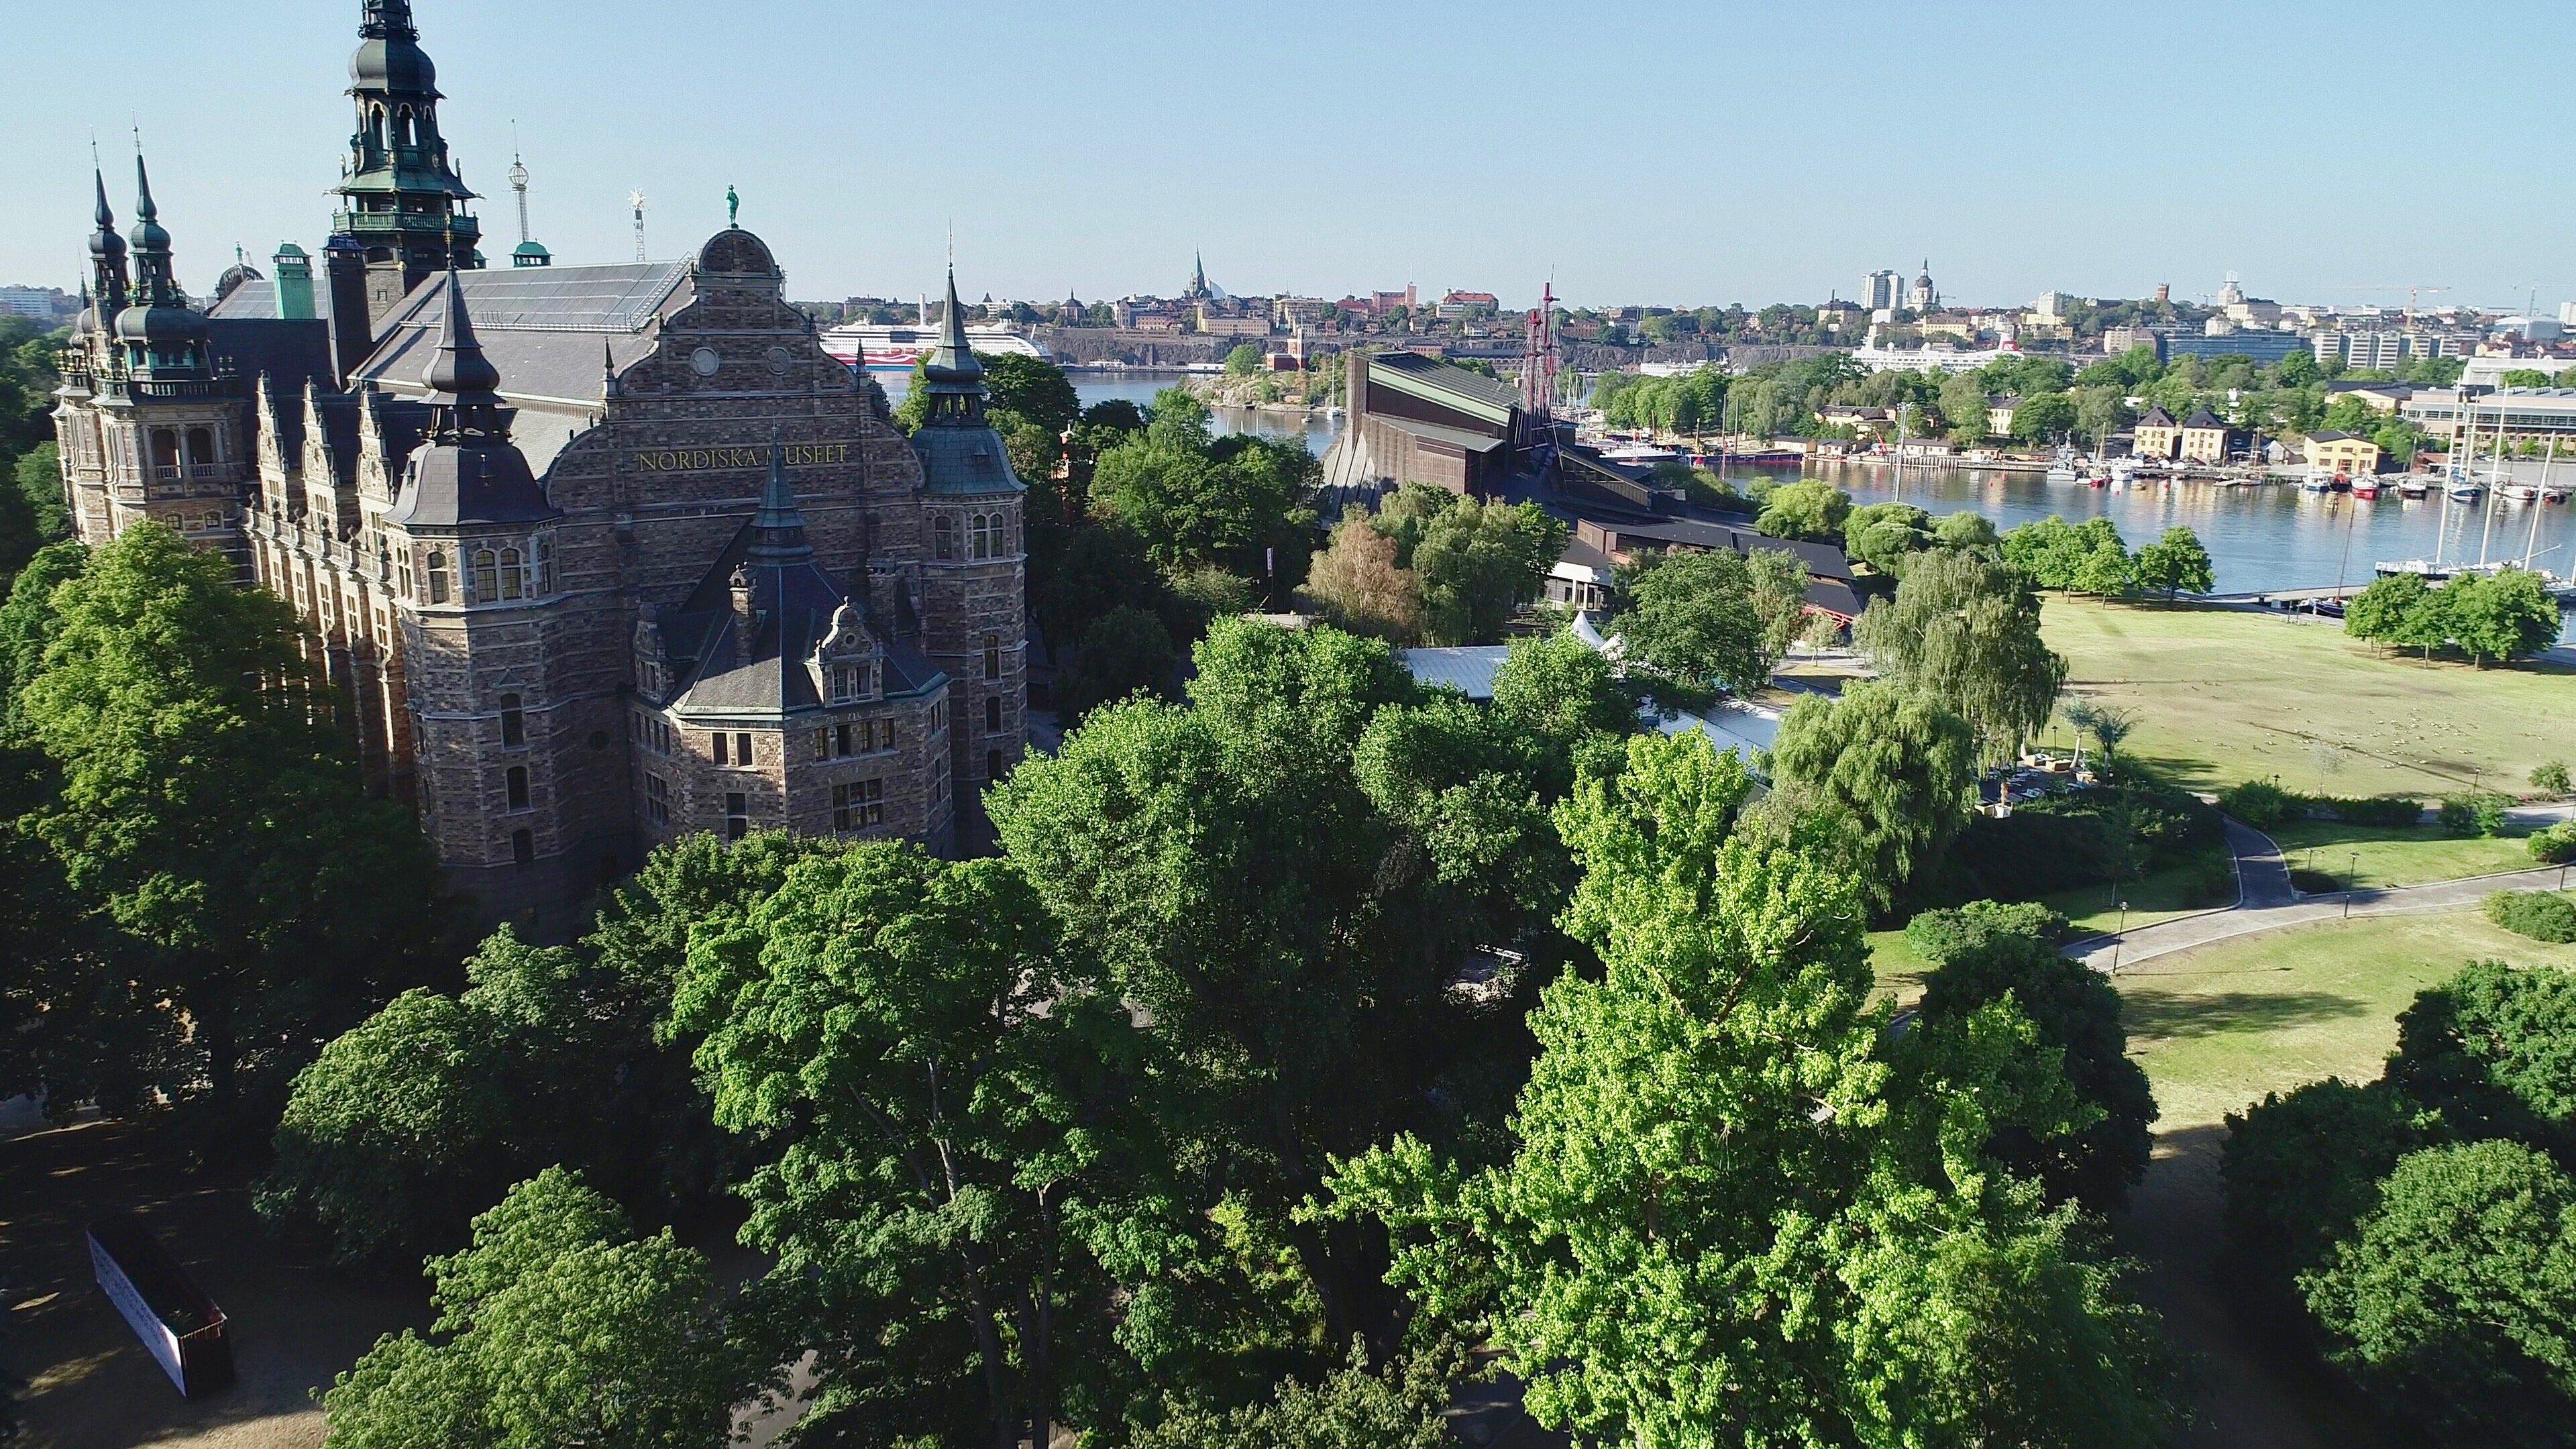 Nordiska museet - Kungliga Djurgården, Östermalm, Stockholm - En av världens vackraste stadsparker - @kungligadjurgarden - kungligadjurgarden.com - Kungliga Djurgården en del av Östermalm - @ostermalm - ostermalm.com